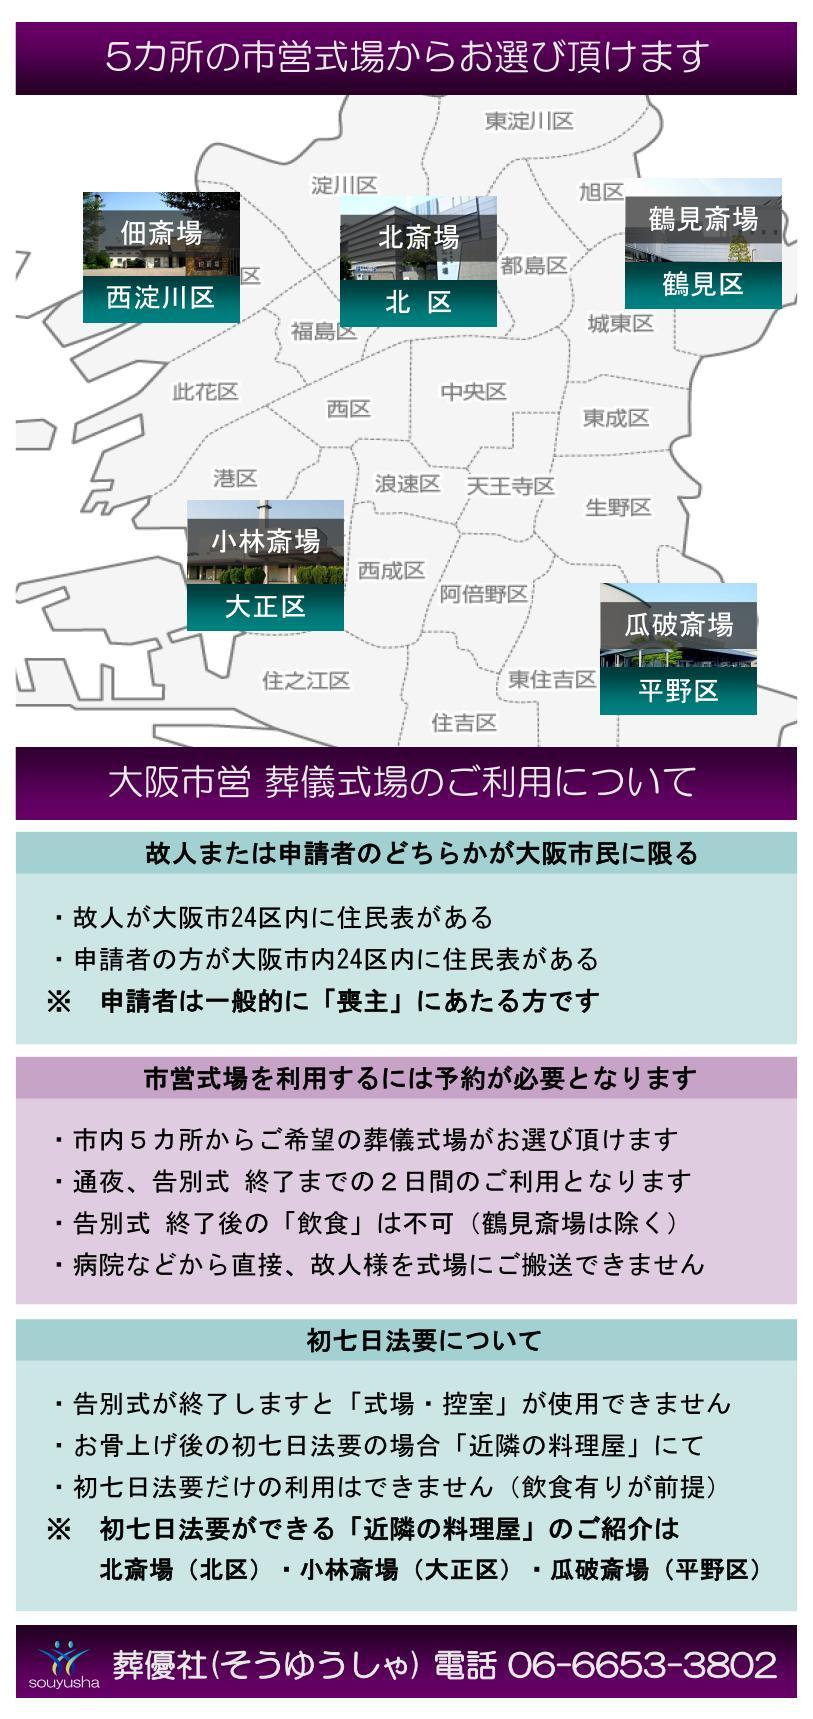 大阪市が運営する公営の葬儀式場のご紹介